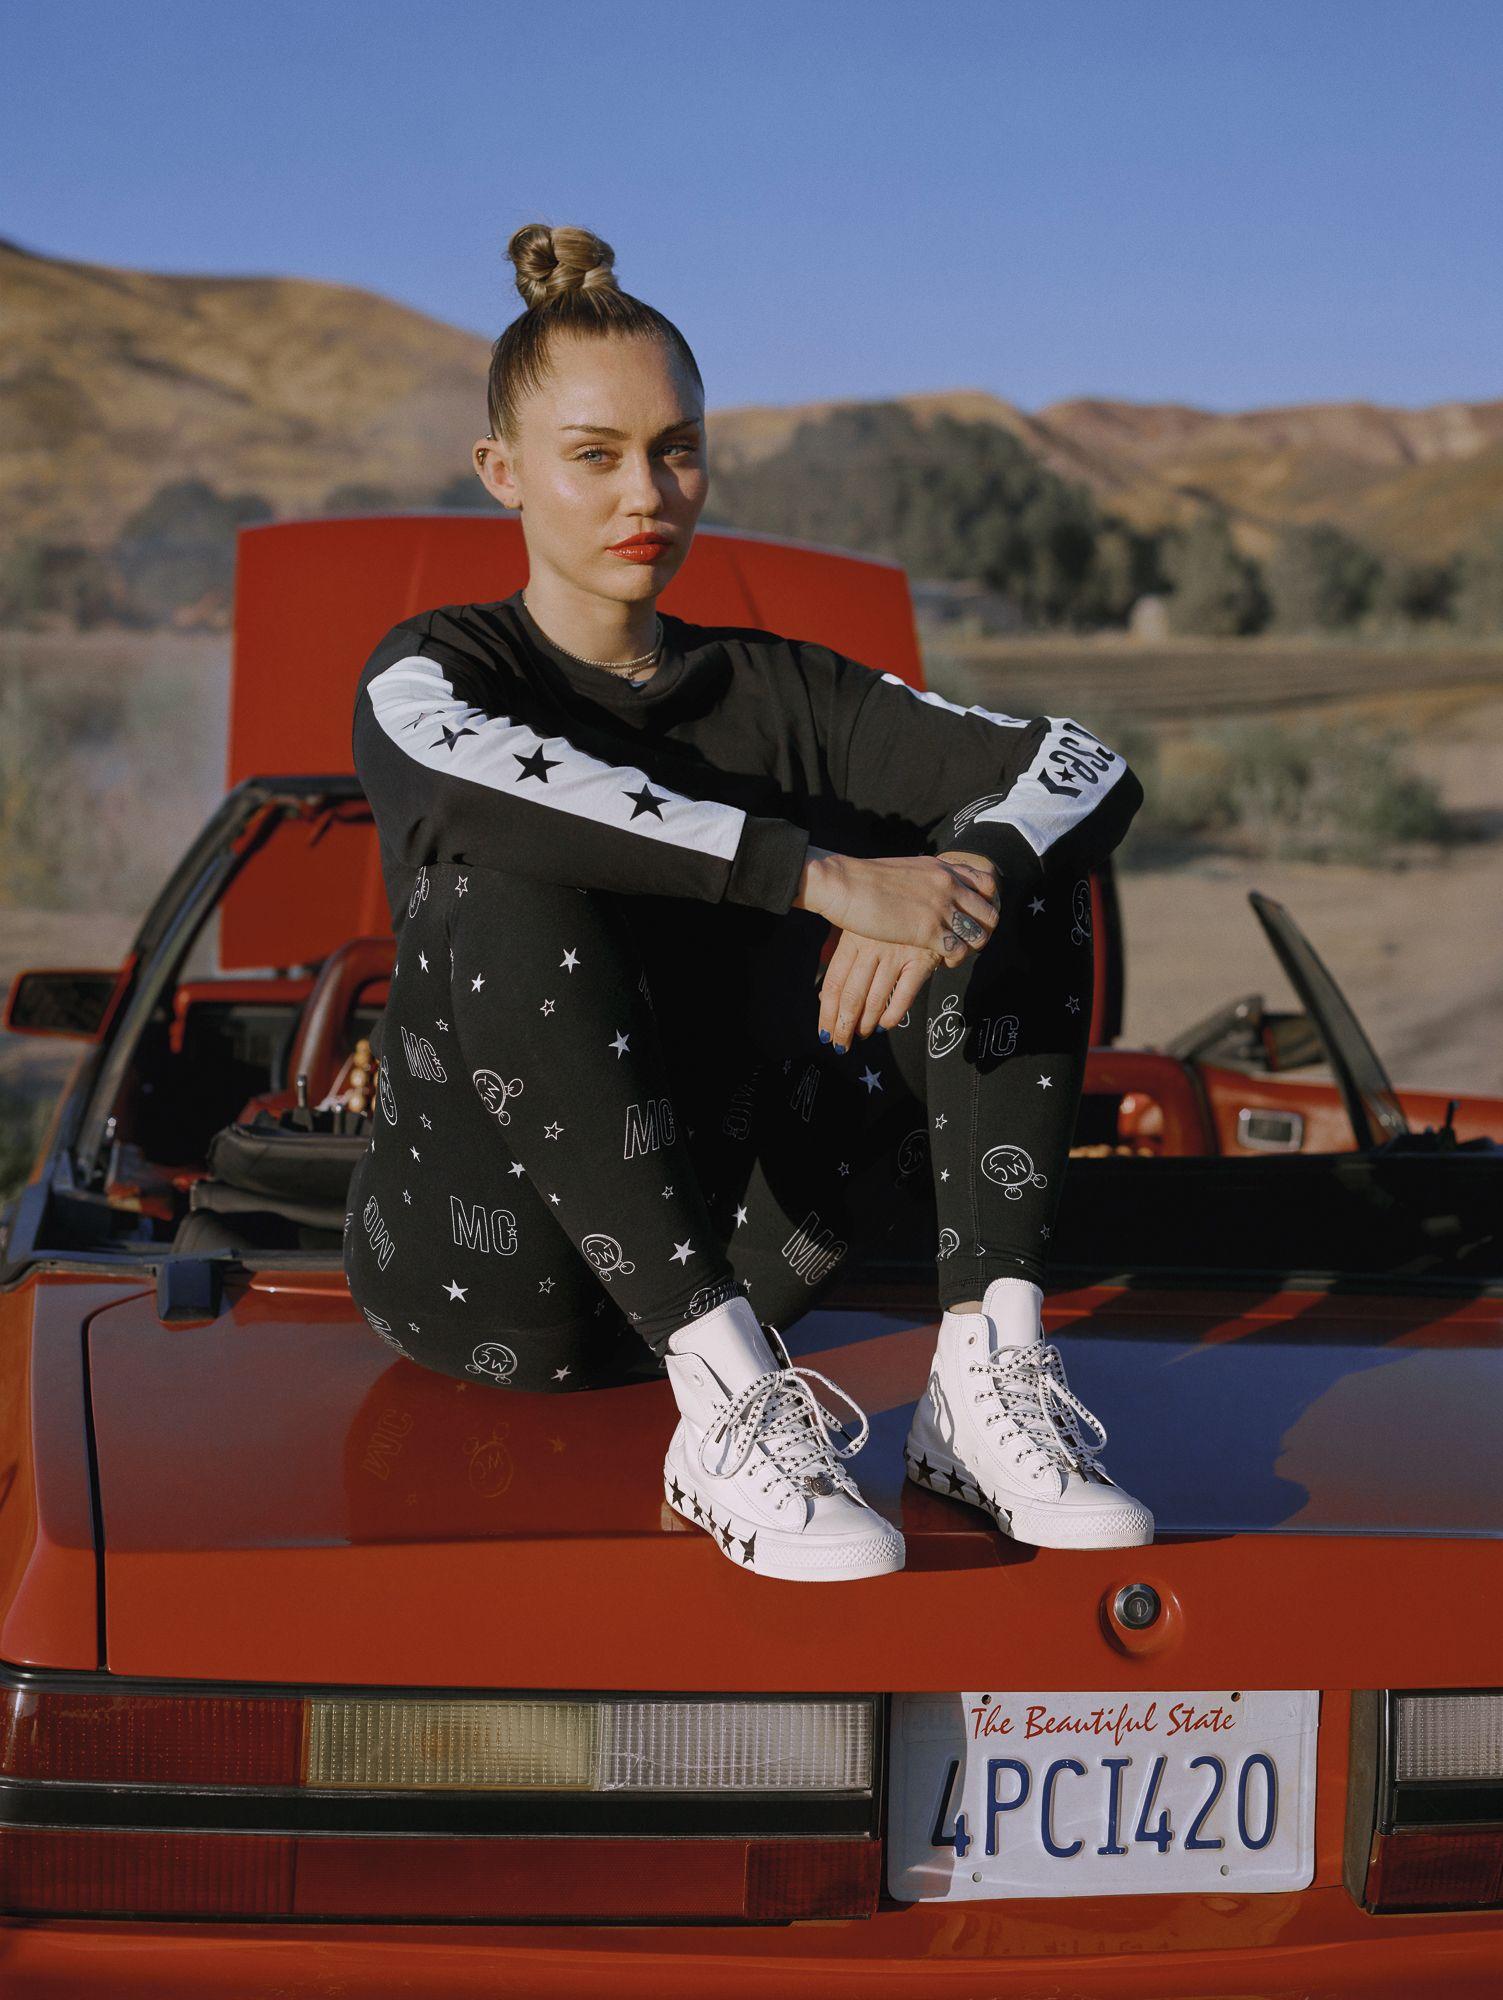 Miley Cirus Converse Bershka